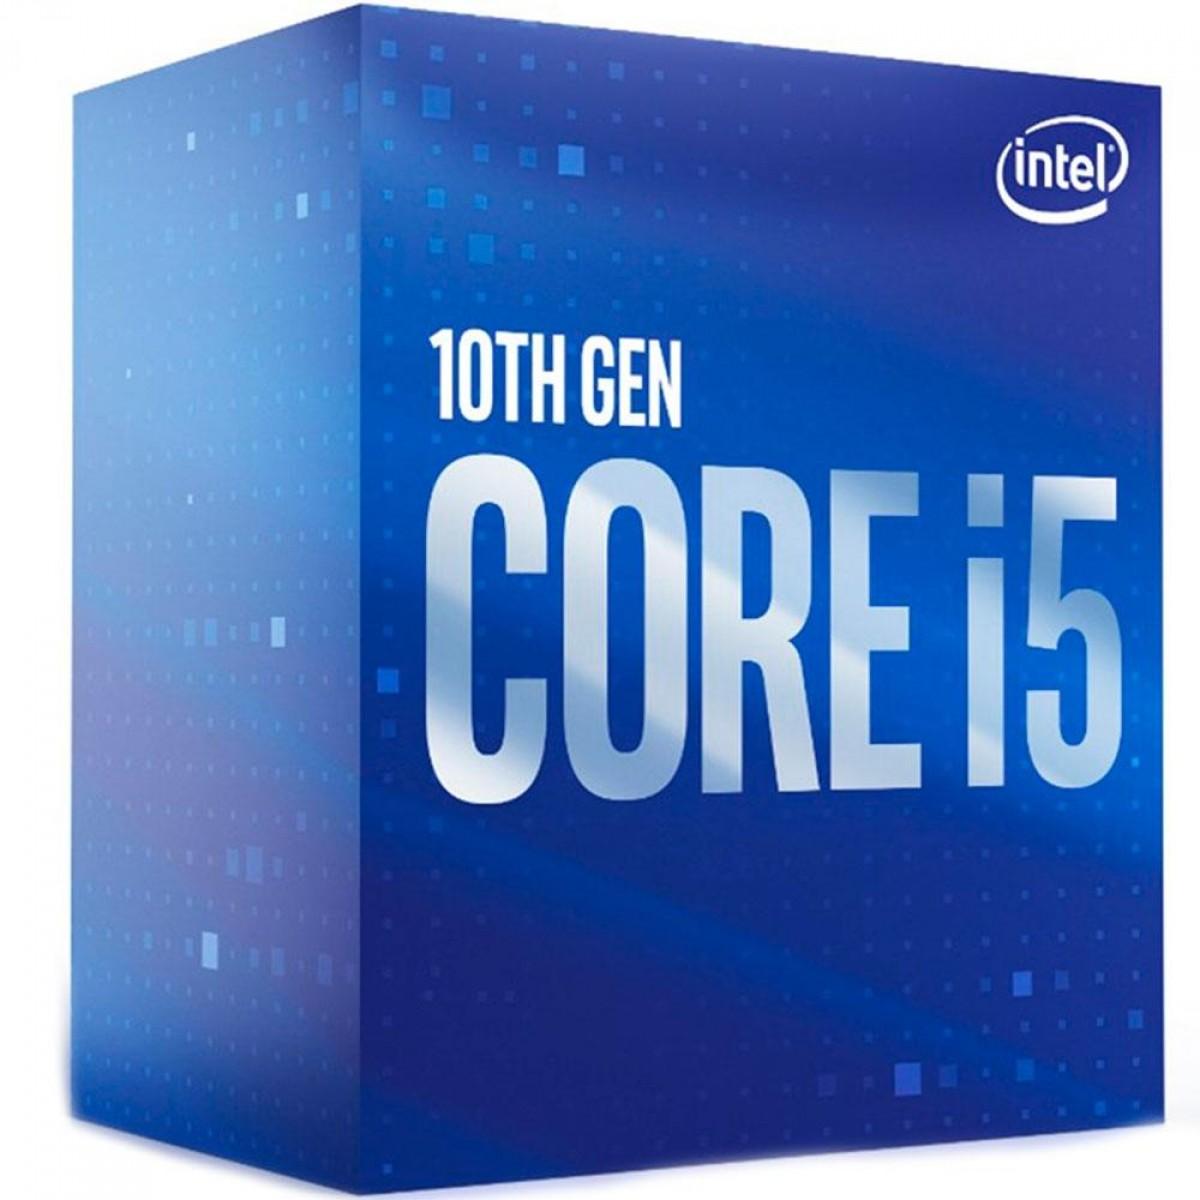 Kit Upgrade Biostar Radeon RX 550 4GB + Intel Core i5 10400F + Geil Evo Potenza 8GB 3000MHz